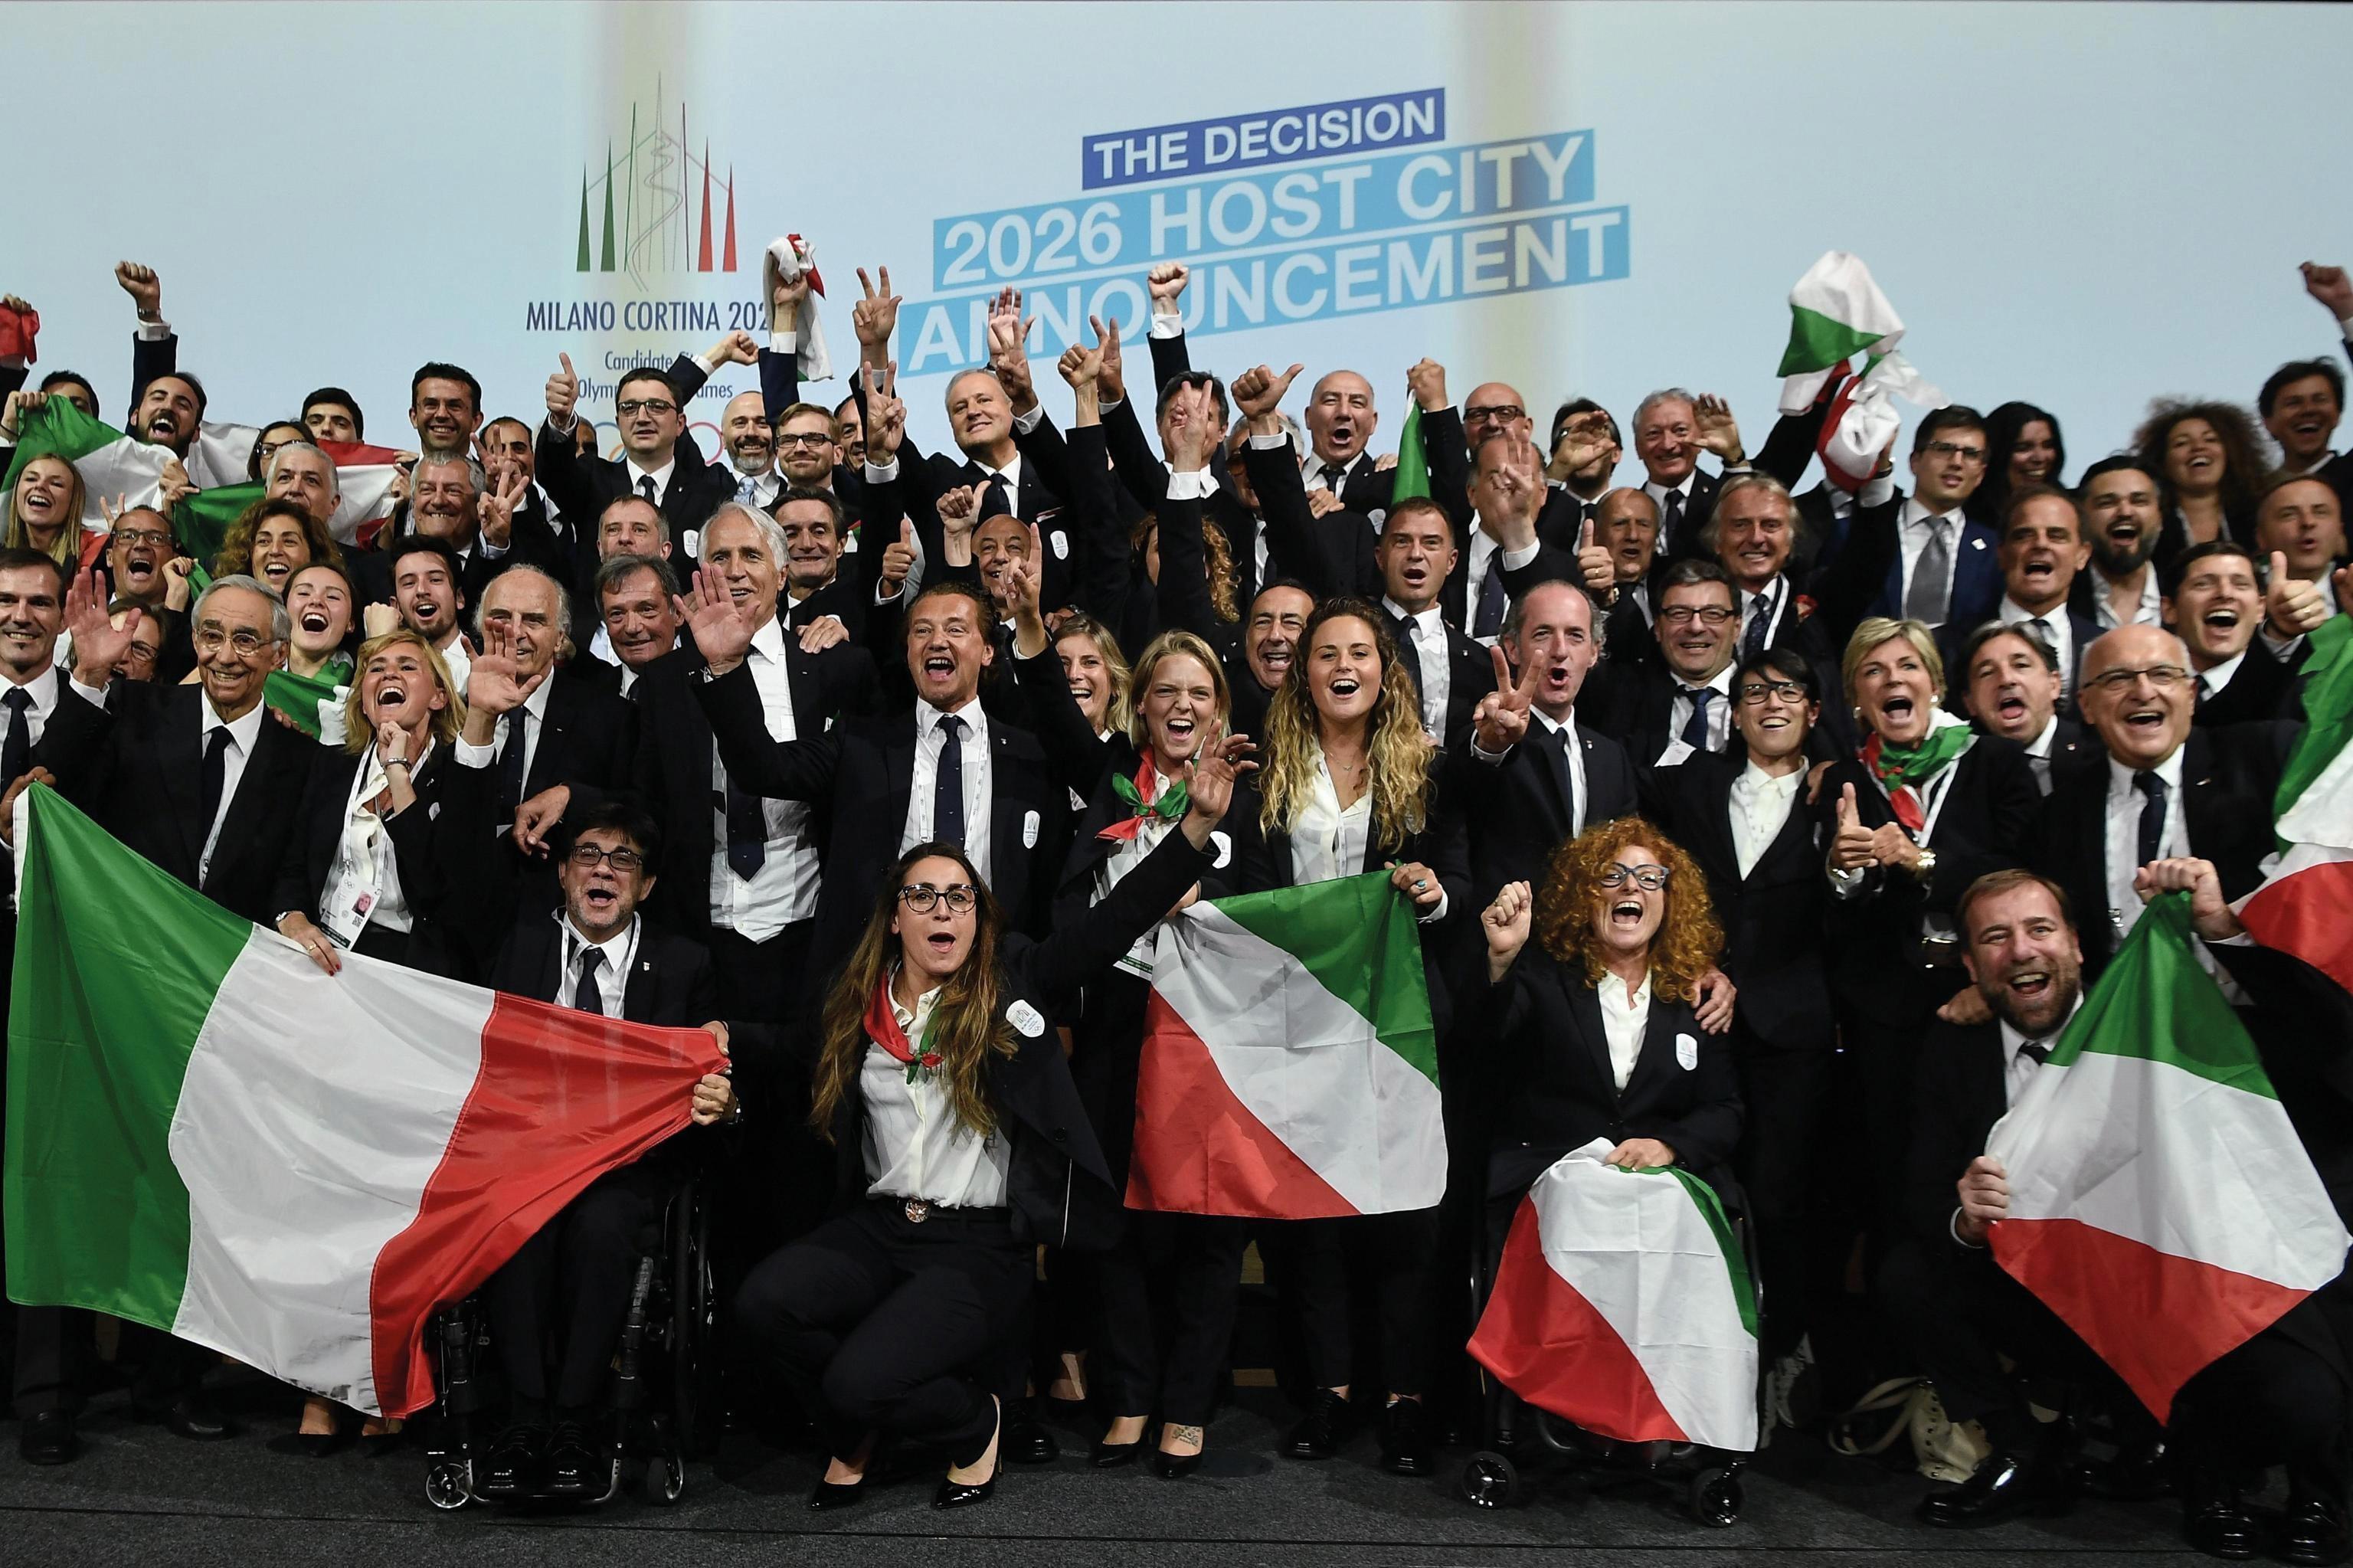 Milano-Cortina 2026, 24 giugno: la delegazione italiana esulta per l'assegnazione dei giochi olimpici invernali del 2026 alle città di Milano e Cortina